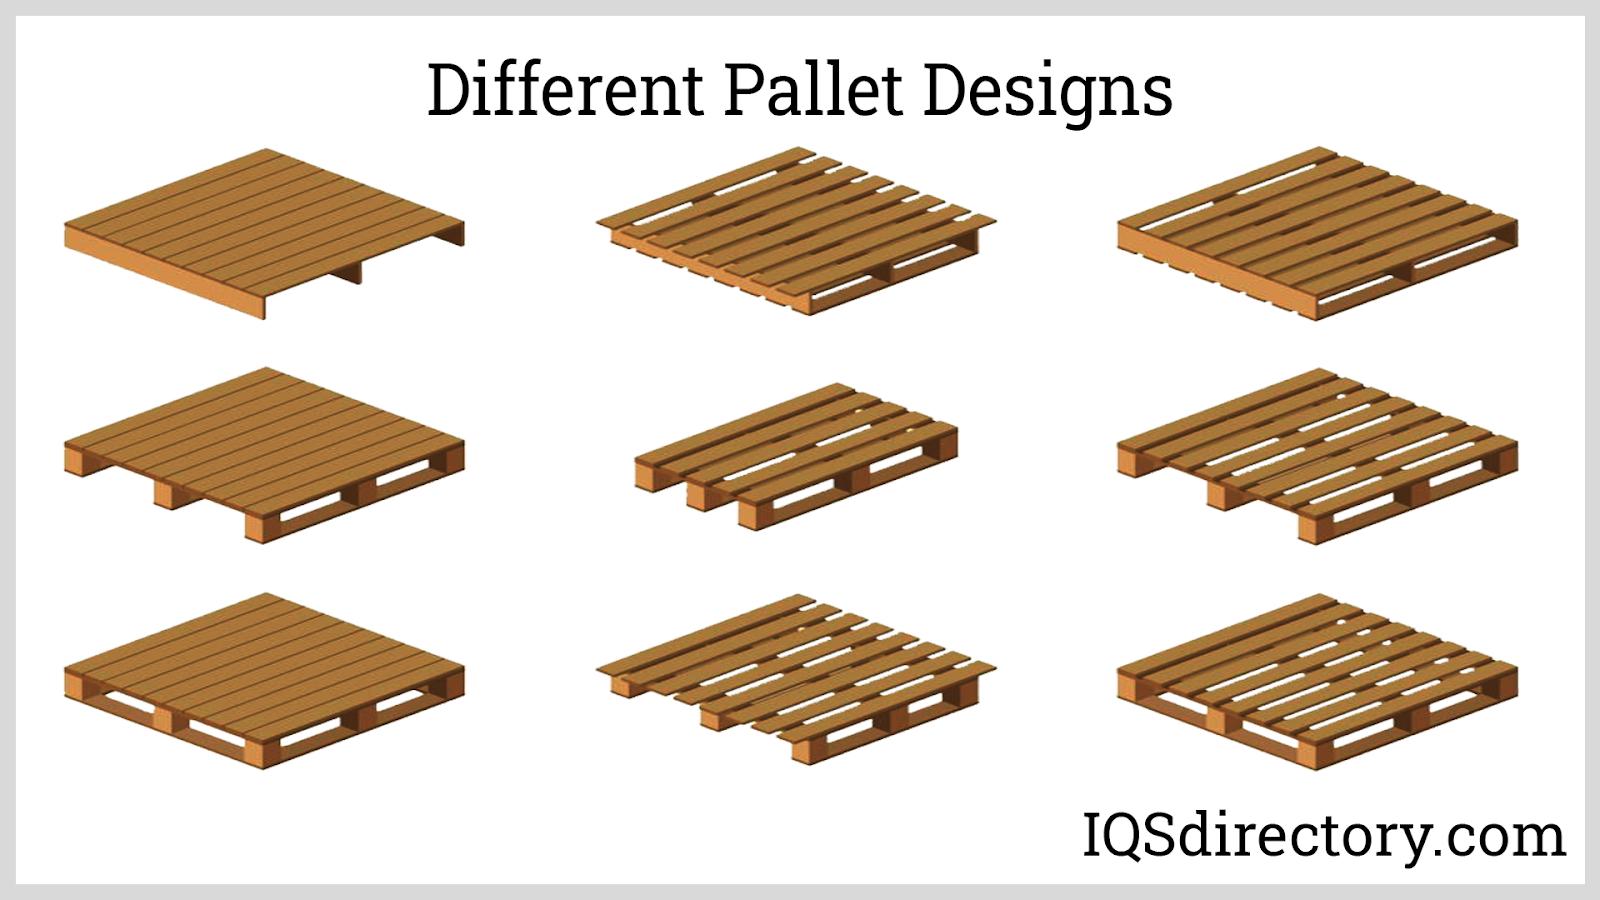 Different Pallet Designs